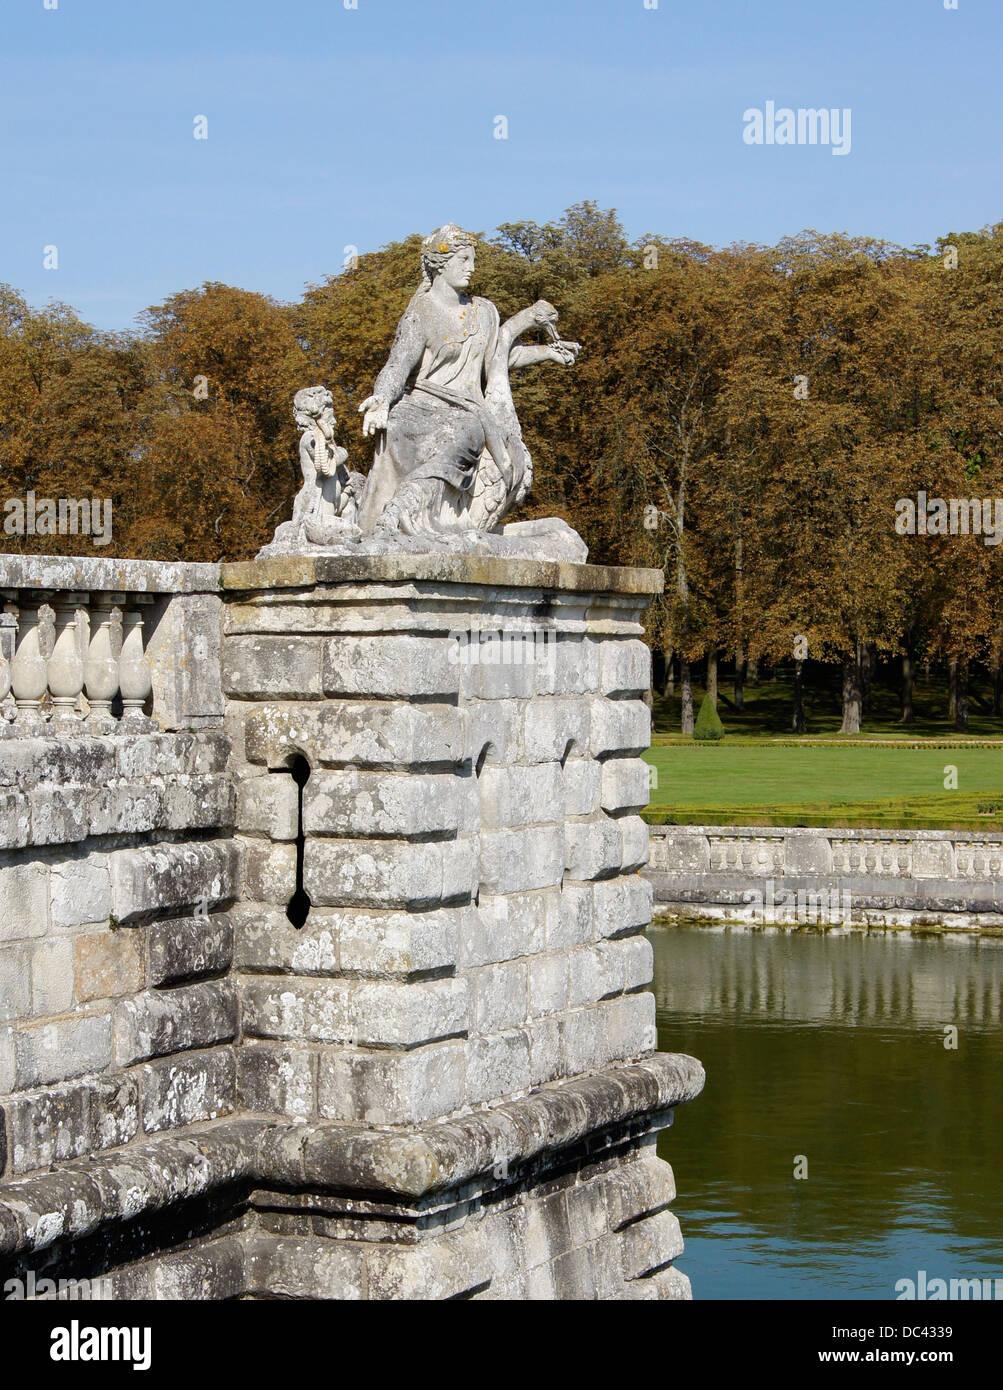 Statua di una donna con uno struzzo, angolo del Château de Vaux-le-Vicomte, appena sopra il fossato. Immagini Stock